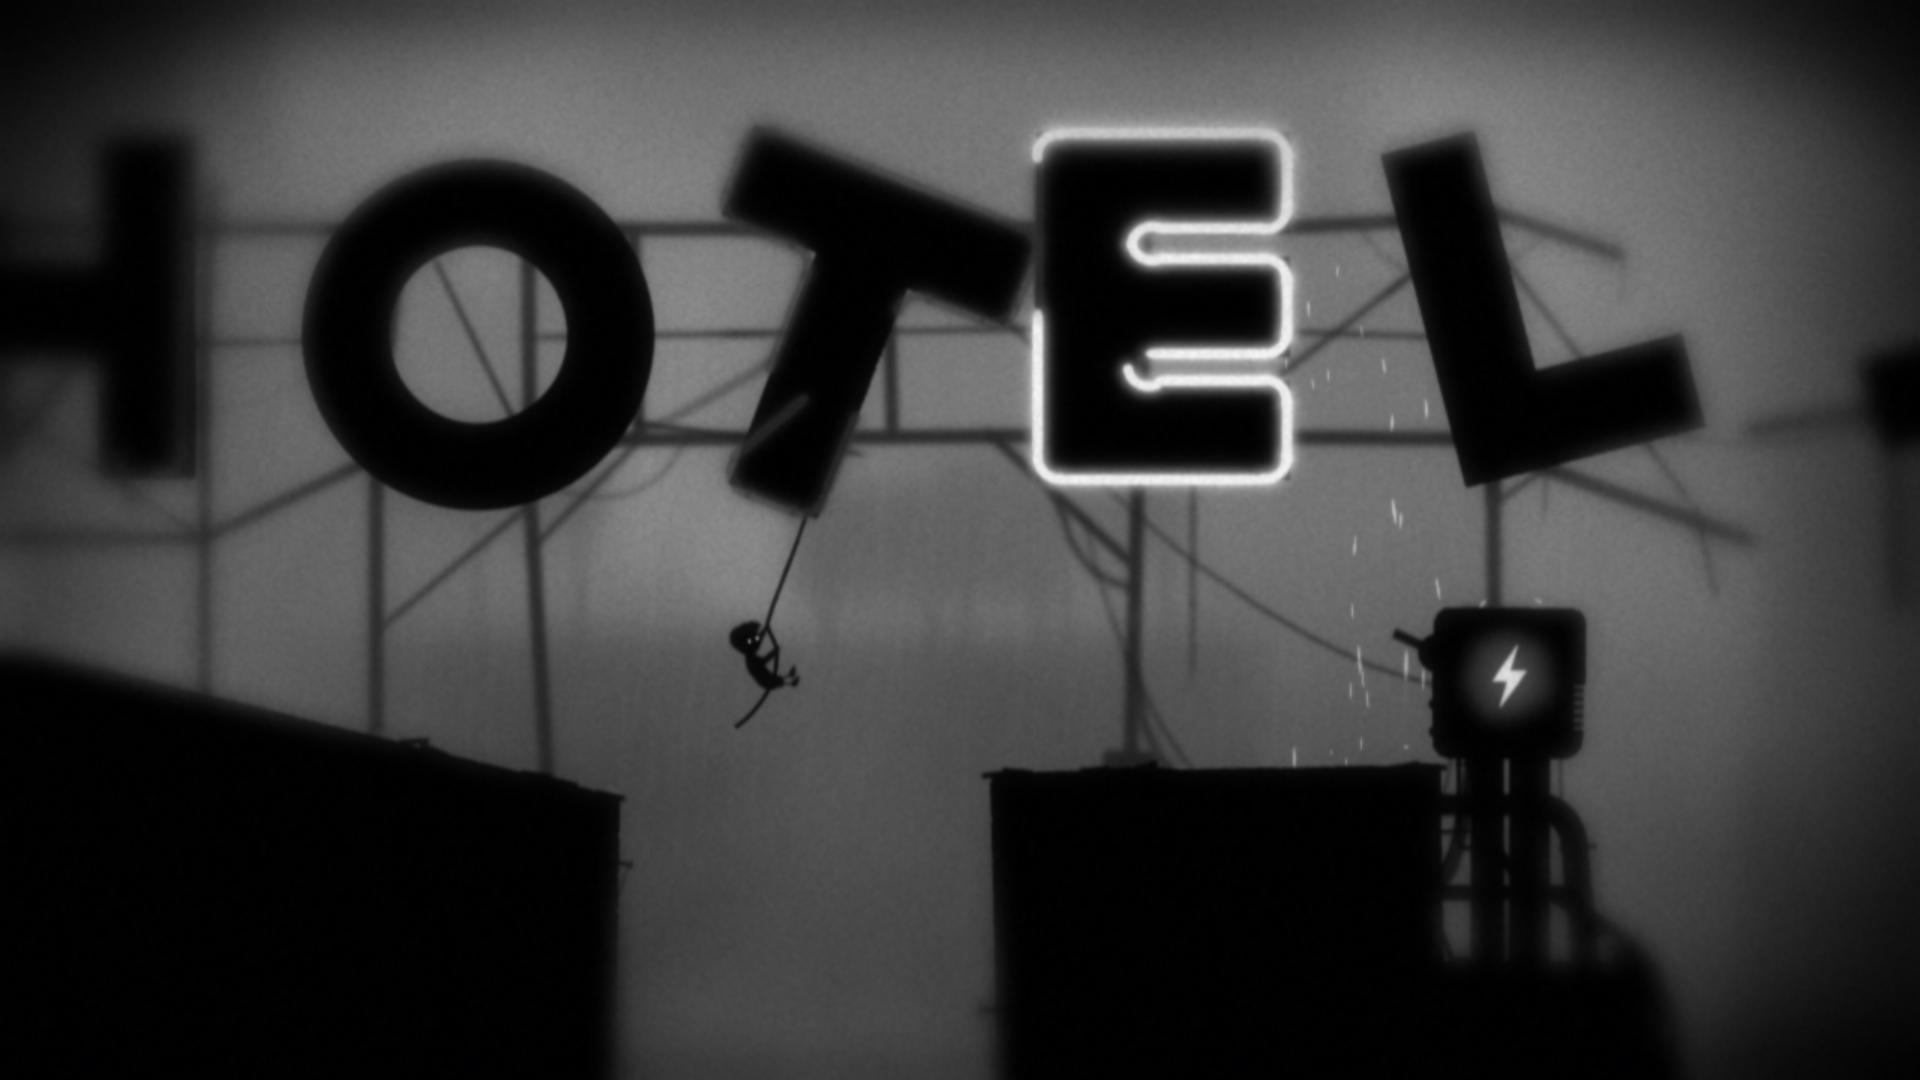 A boy in Limbo swings on a Hotel sign.